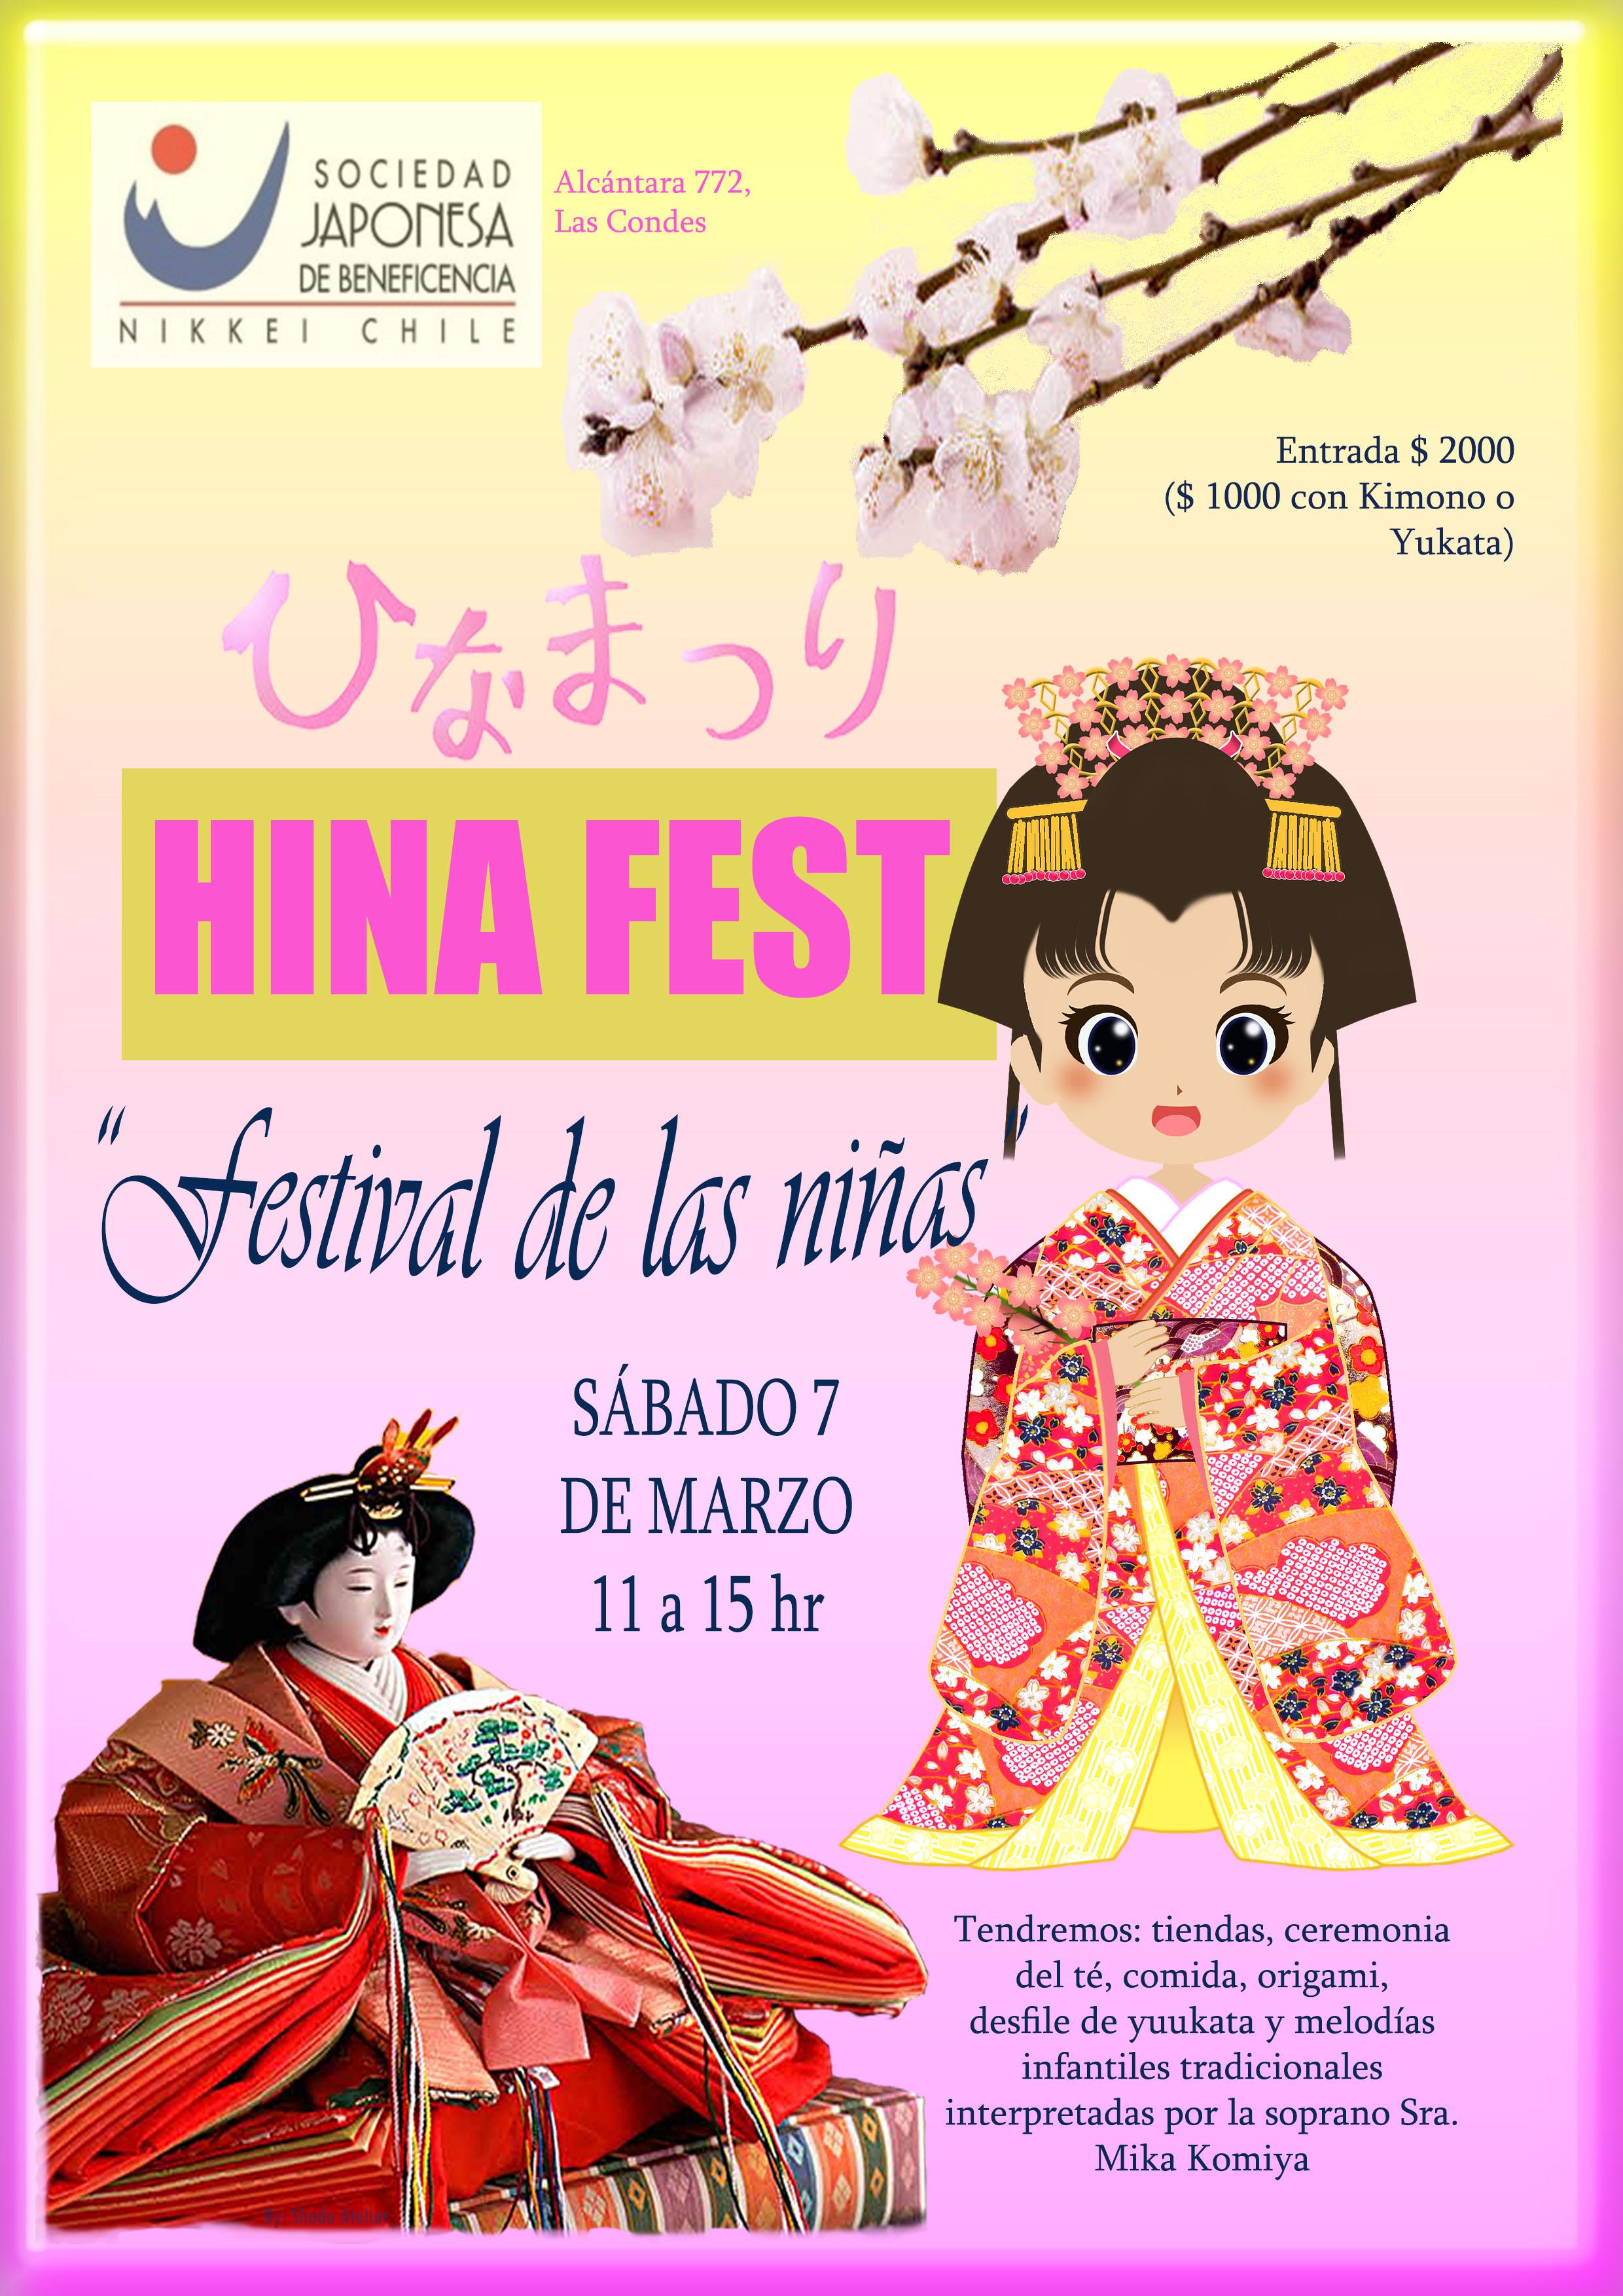 HINA FEST